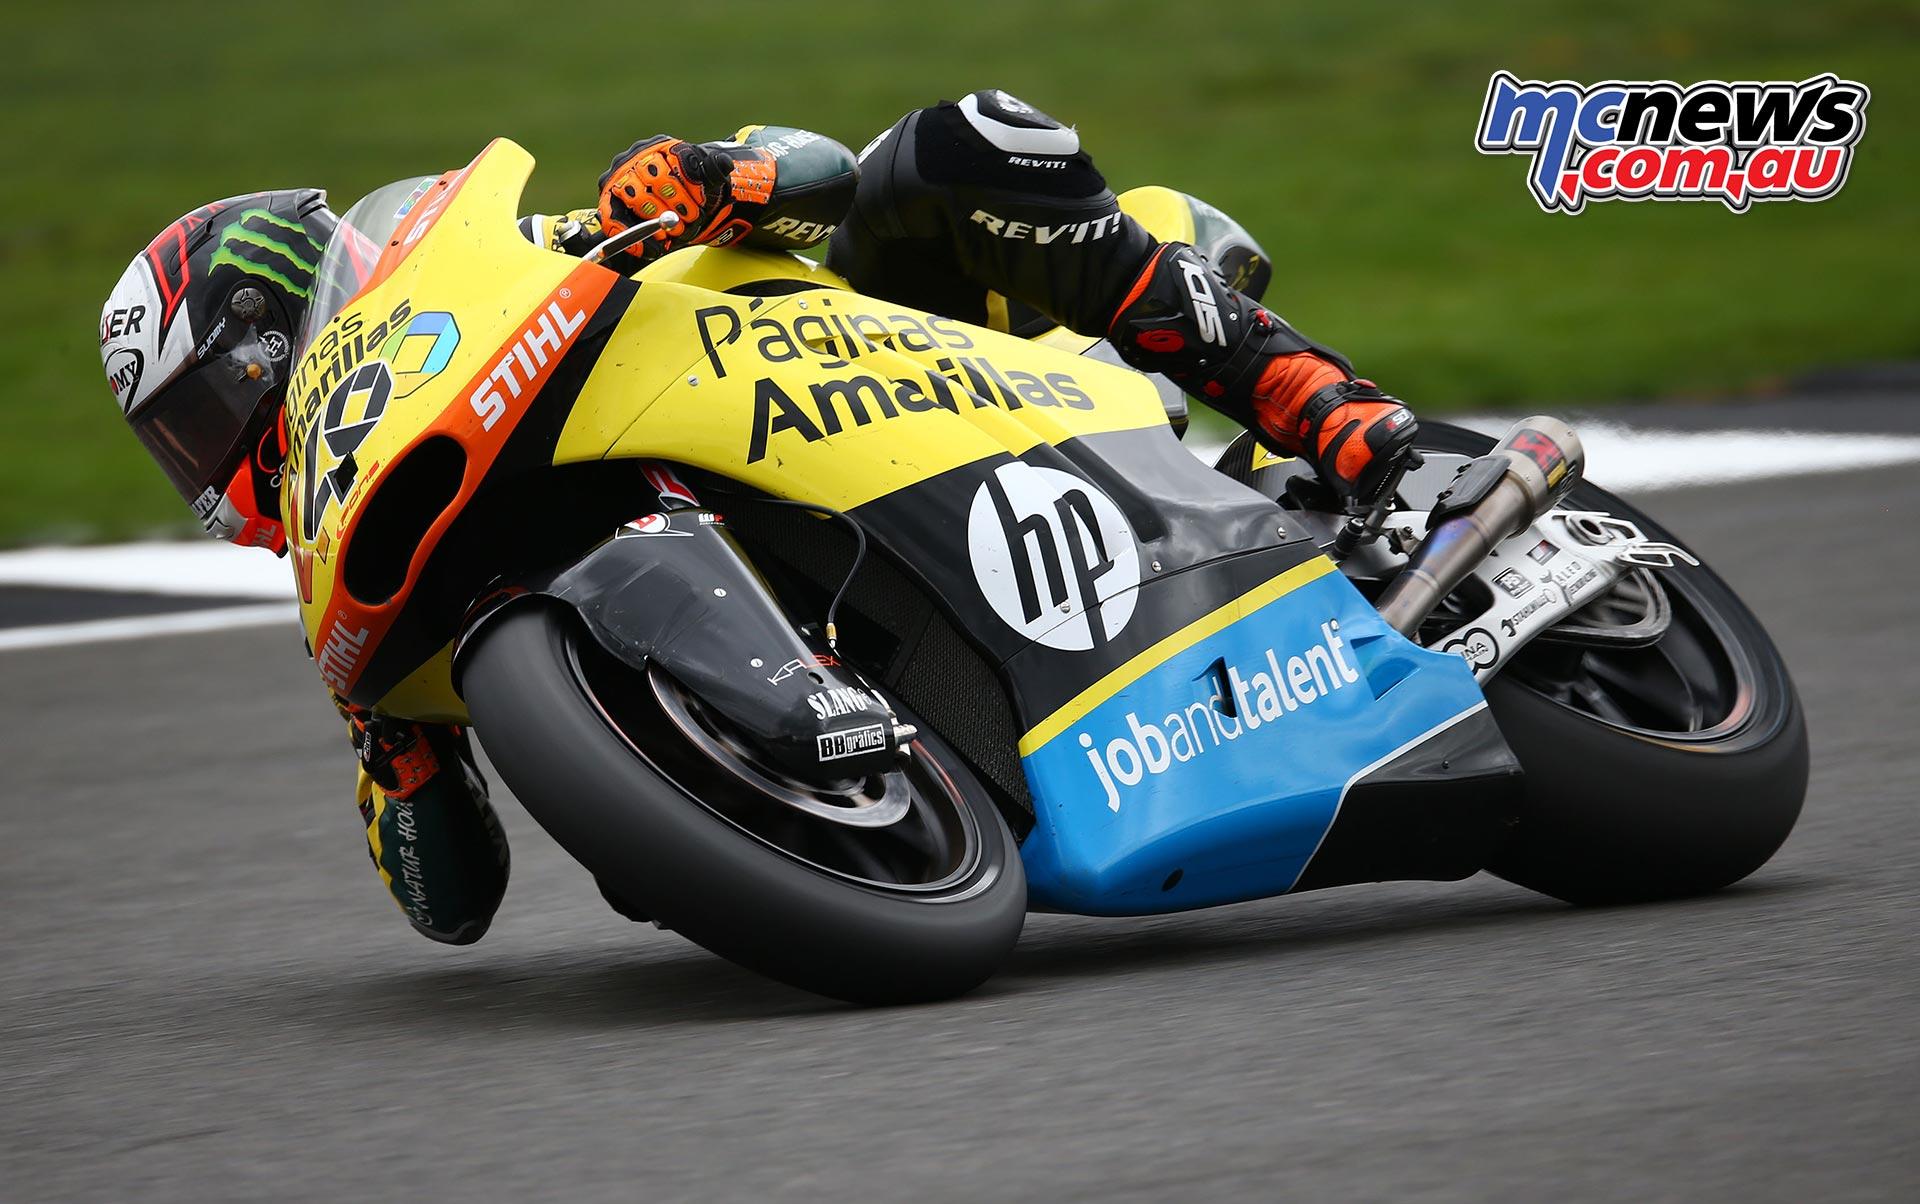 Alex Rins at Silverstone